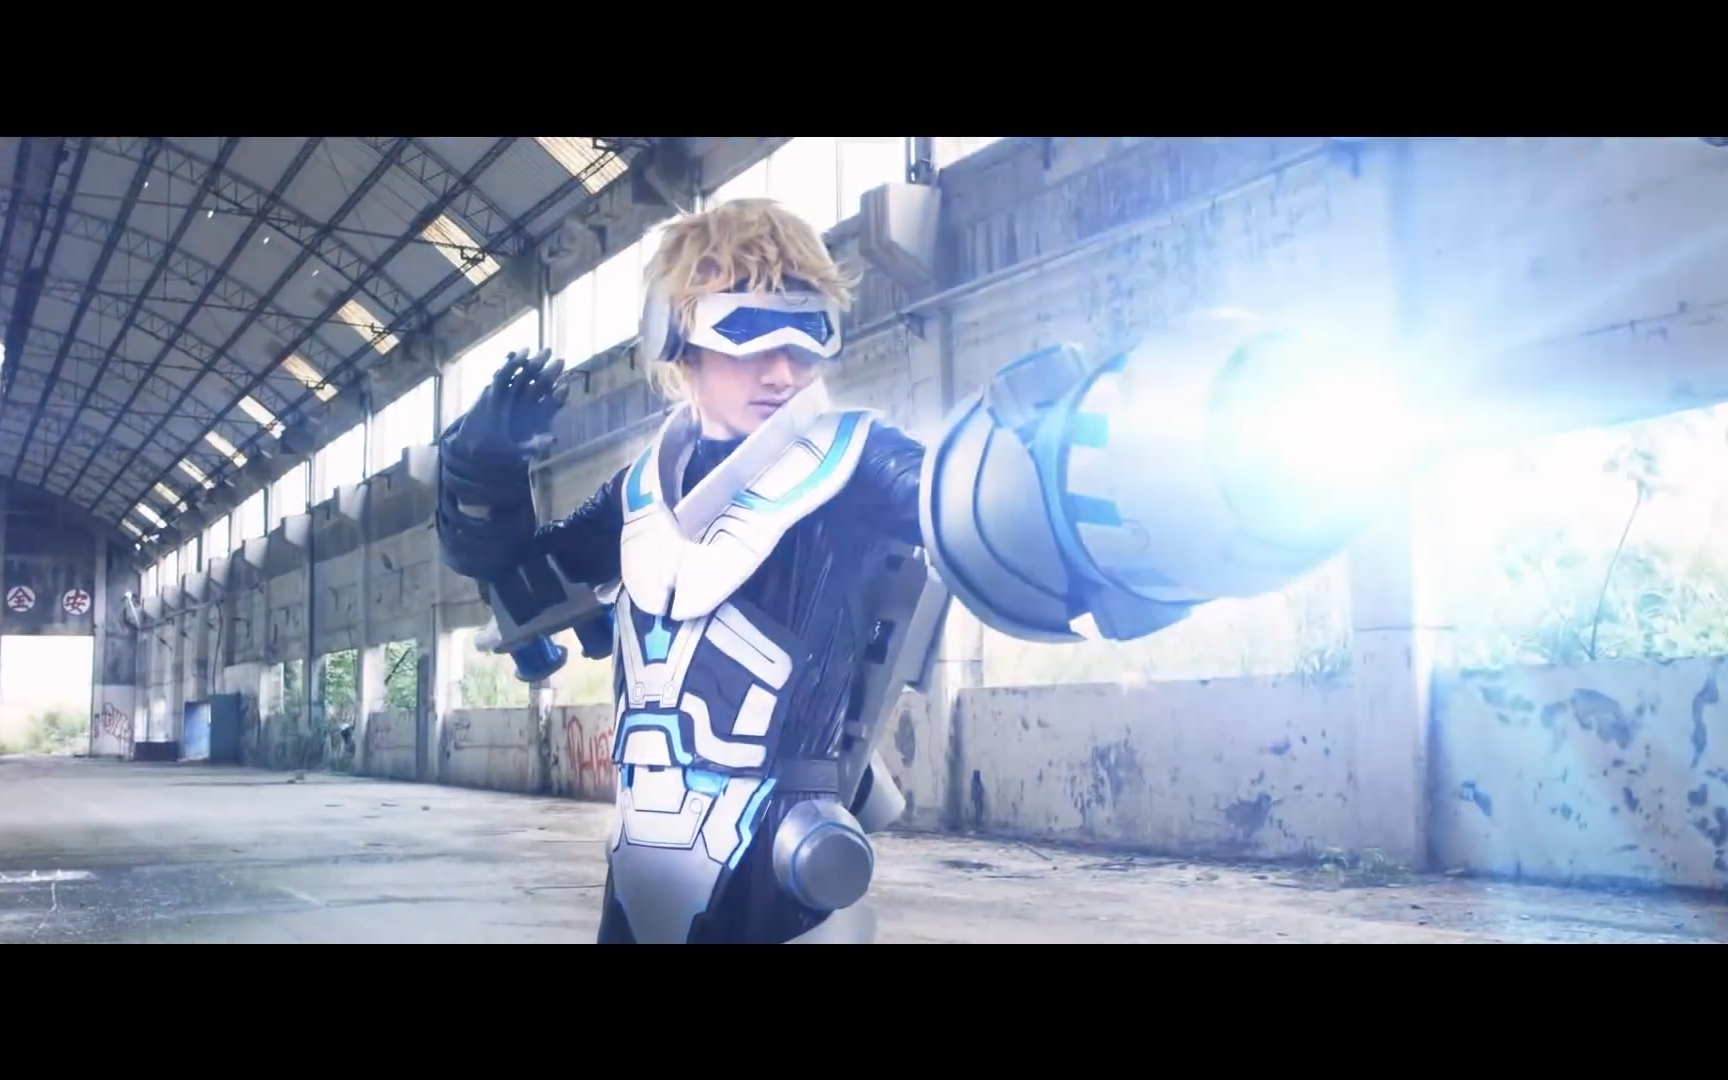 英雄联盟cosplay系列:台湾玩家自制战斗,特效很不错